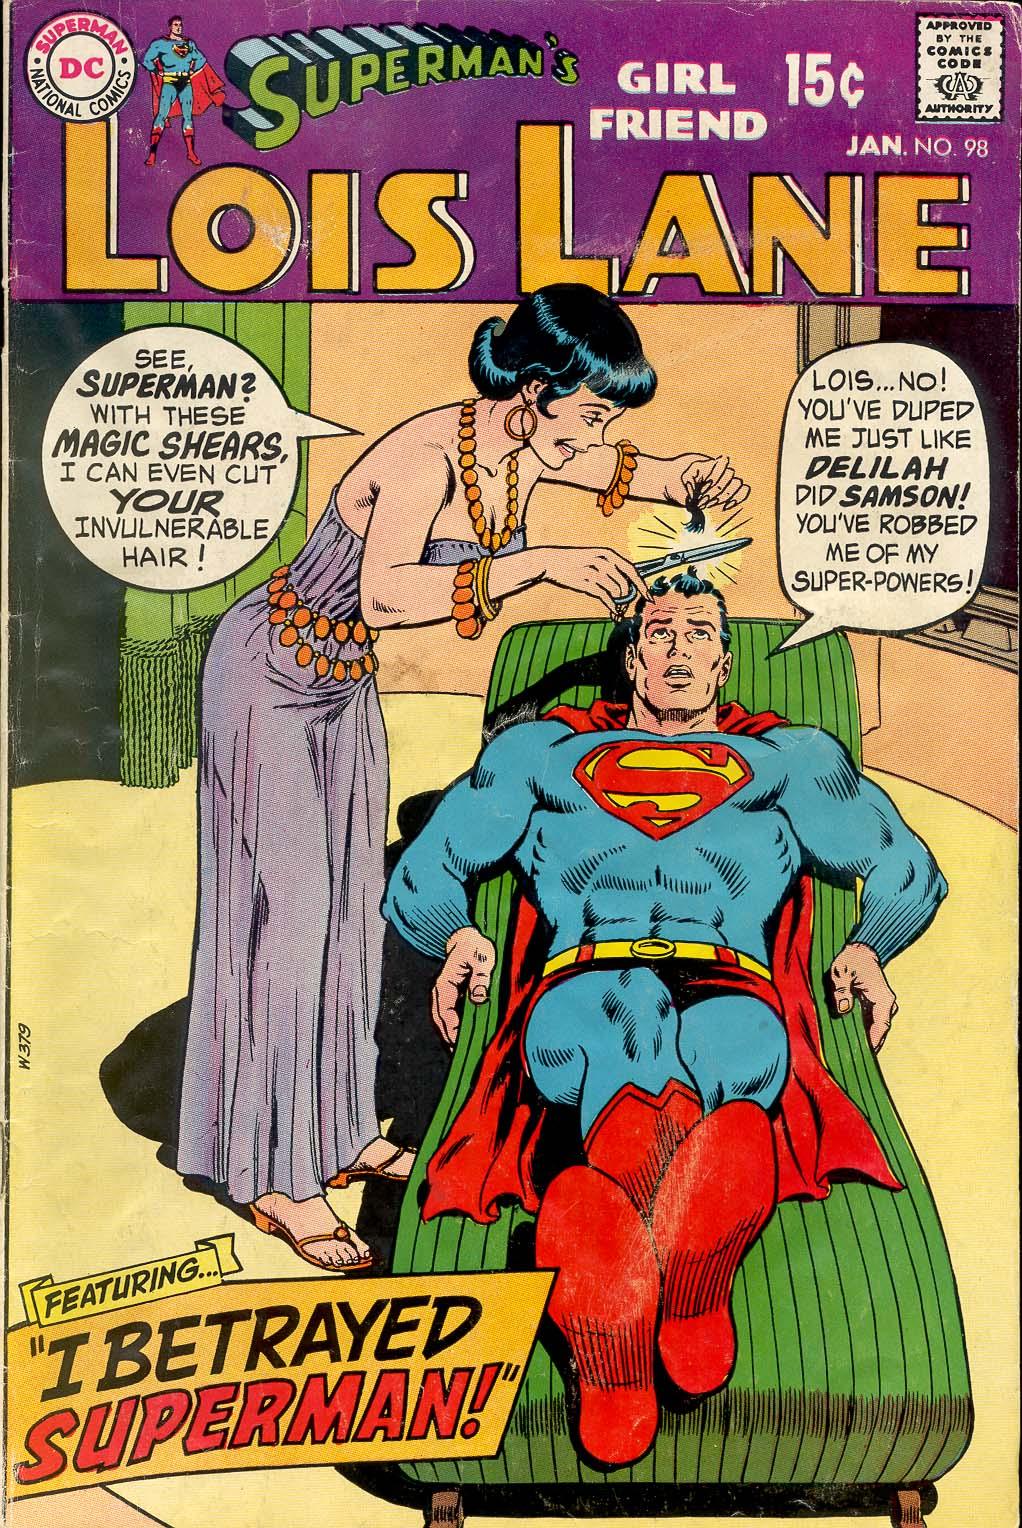 Supermans Girl Friend, Lois Lane 98 Page 1